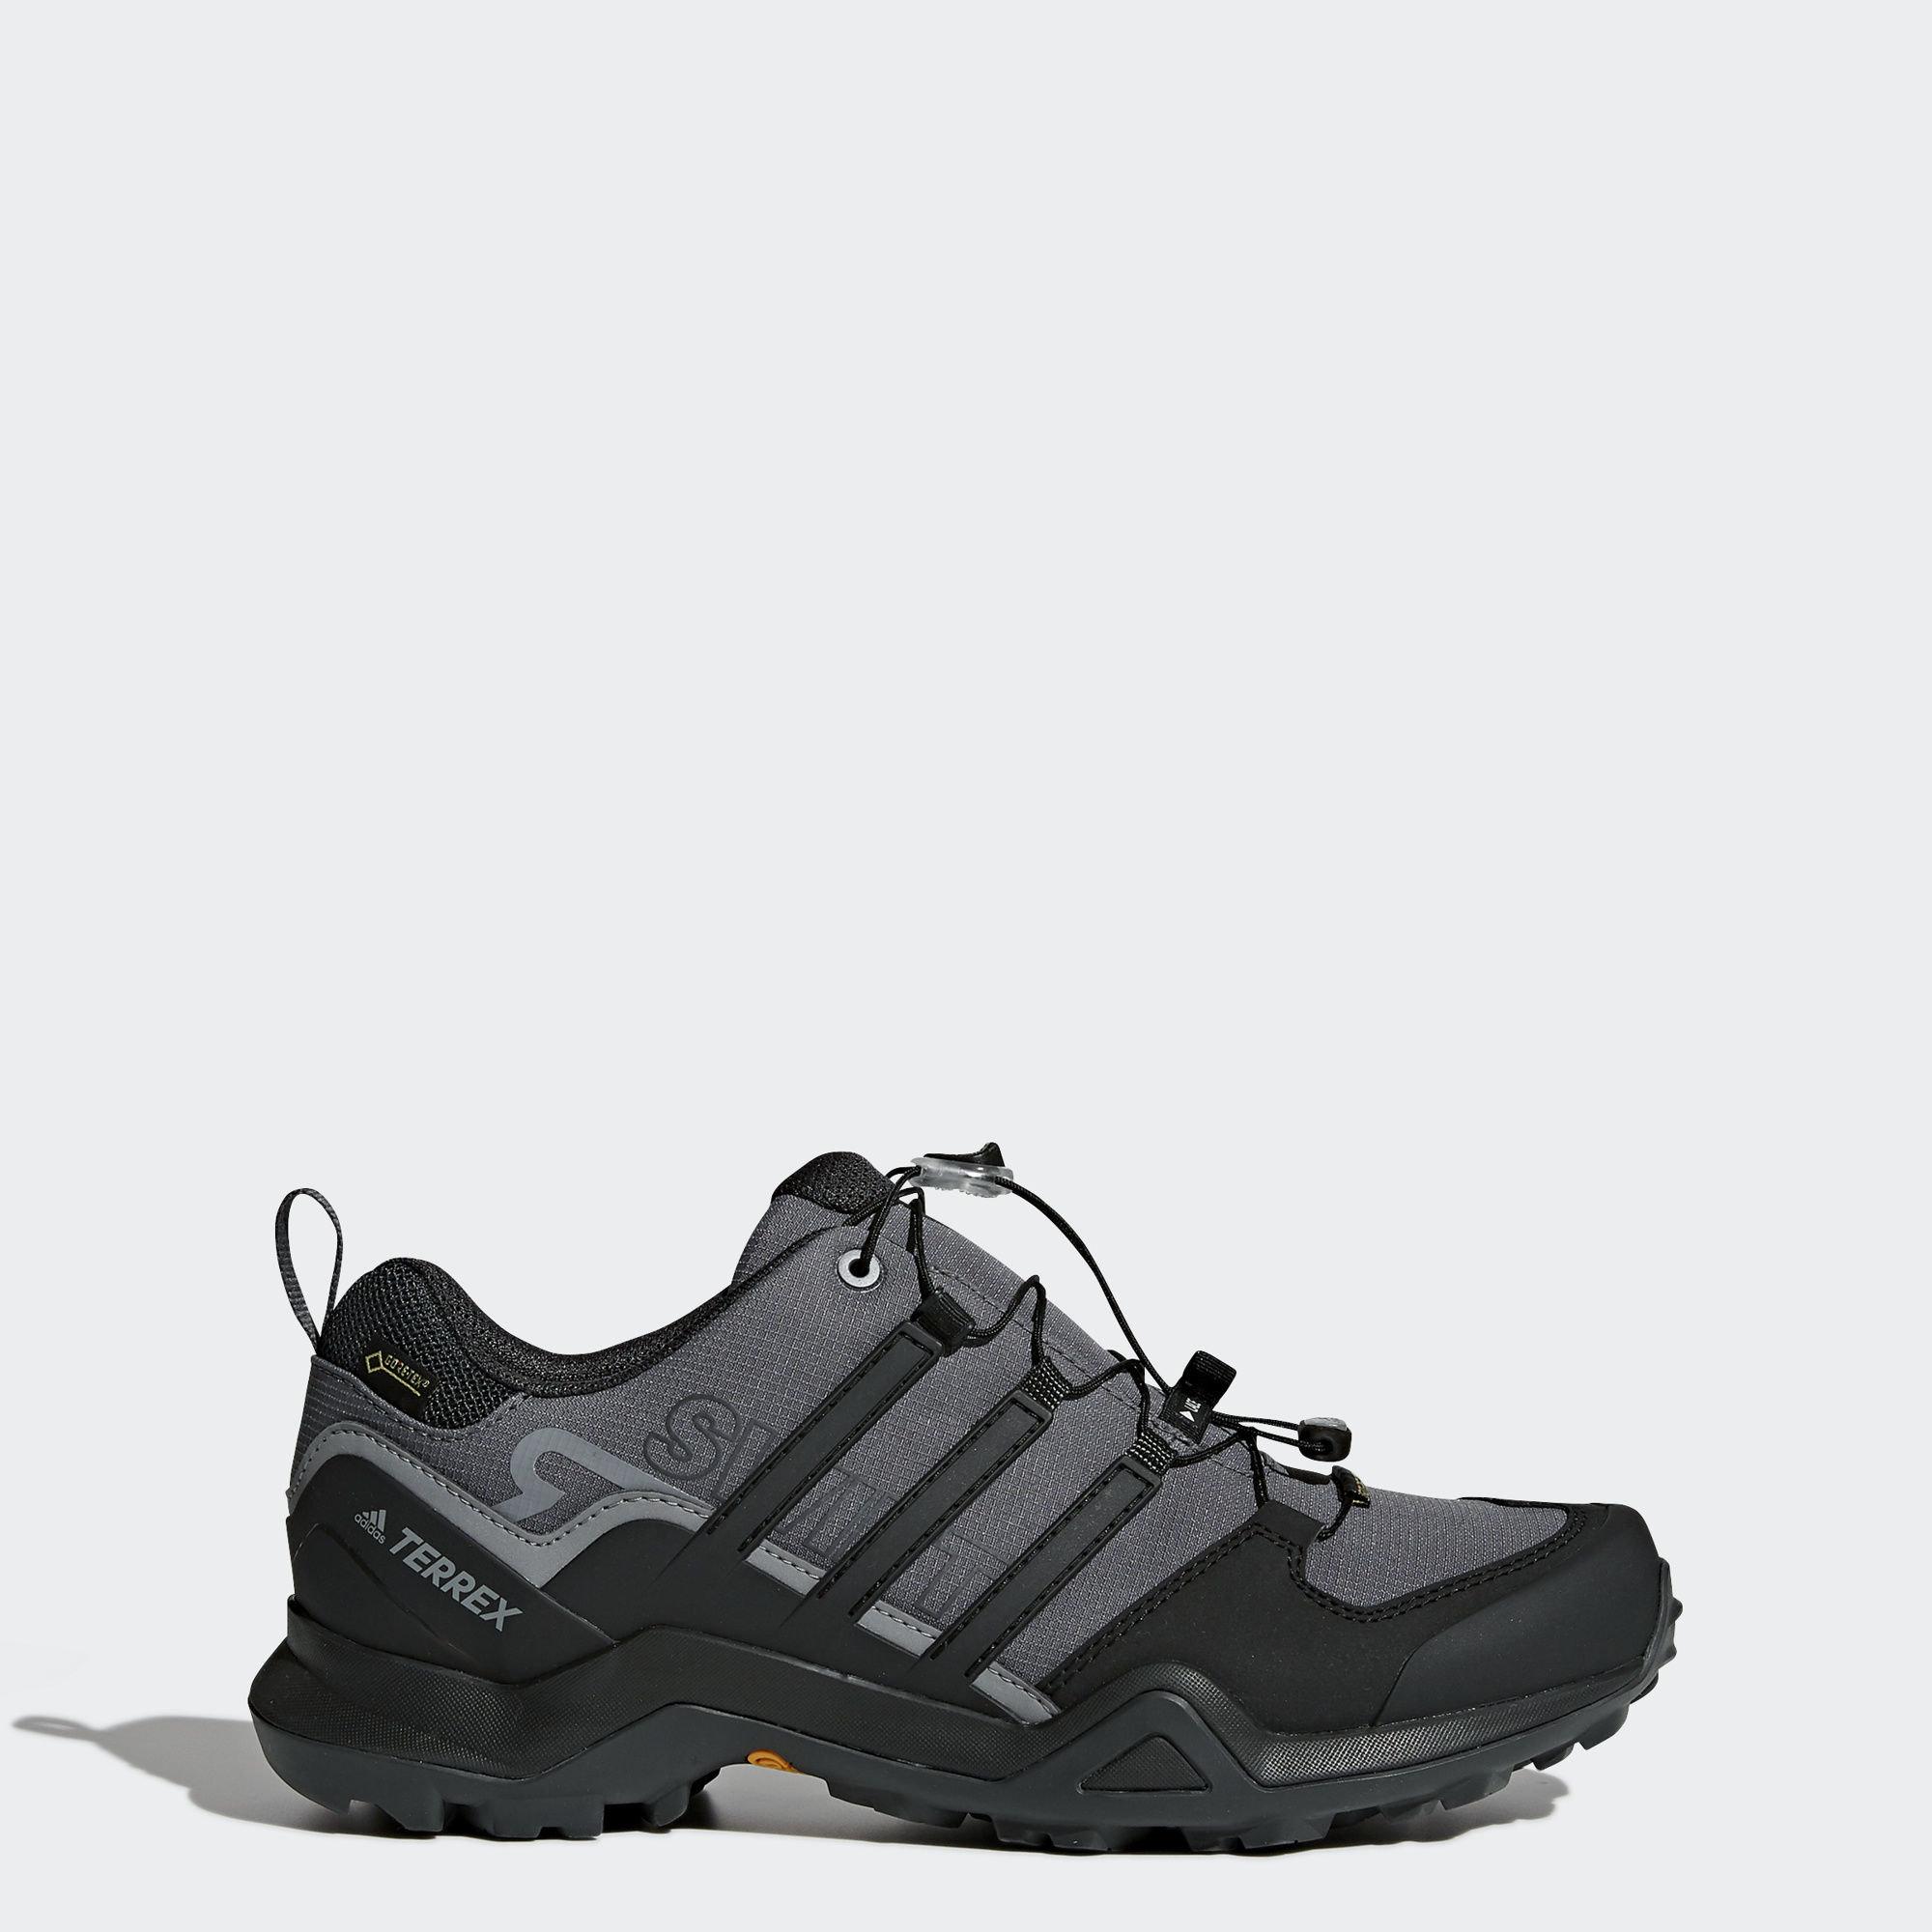 Обувь для активного отдыха Terrex Swift R2 GTX adidas TERREX Grey Five/Core Black/Carbon